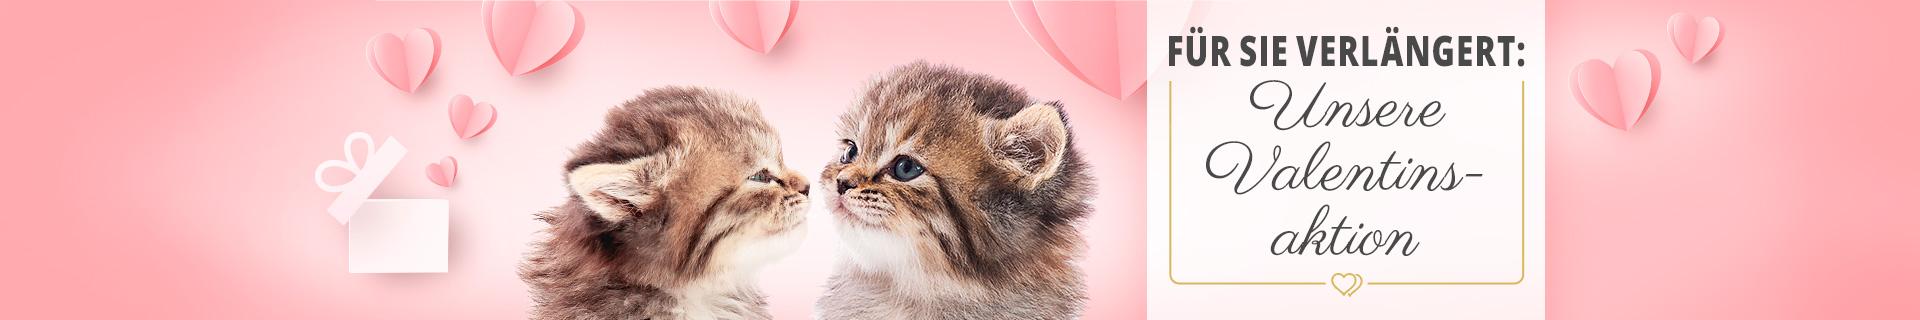 Valentinstagsaktion für Katzen - 14% Rabatt auf ausgewählte Artikel